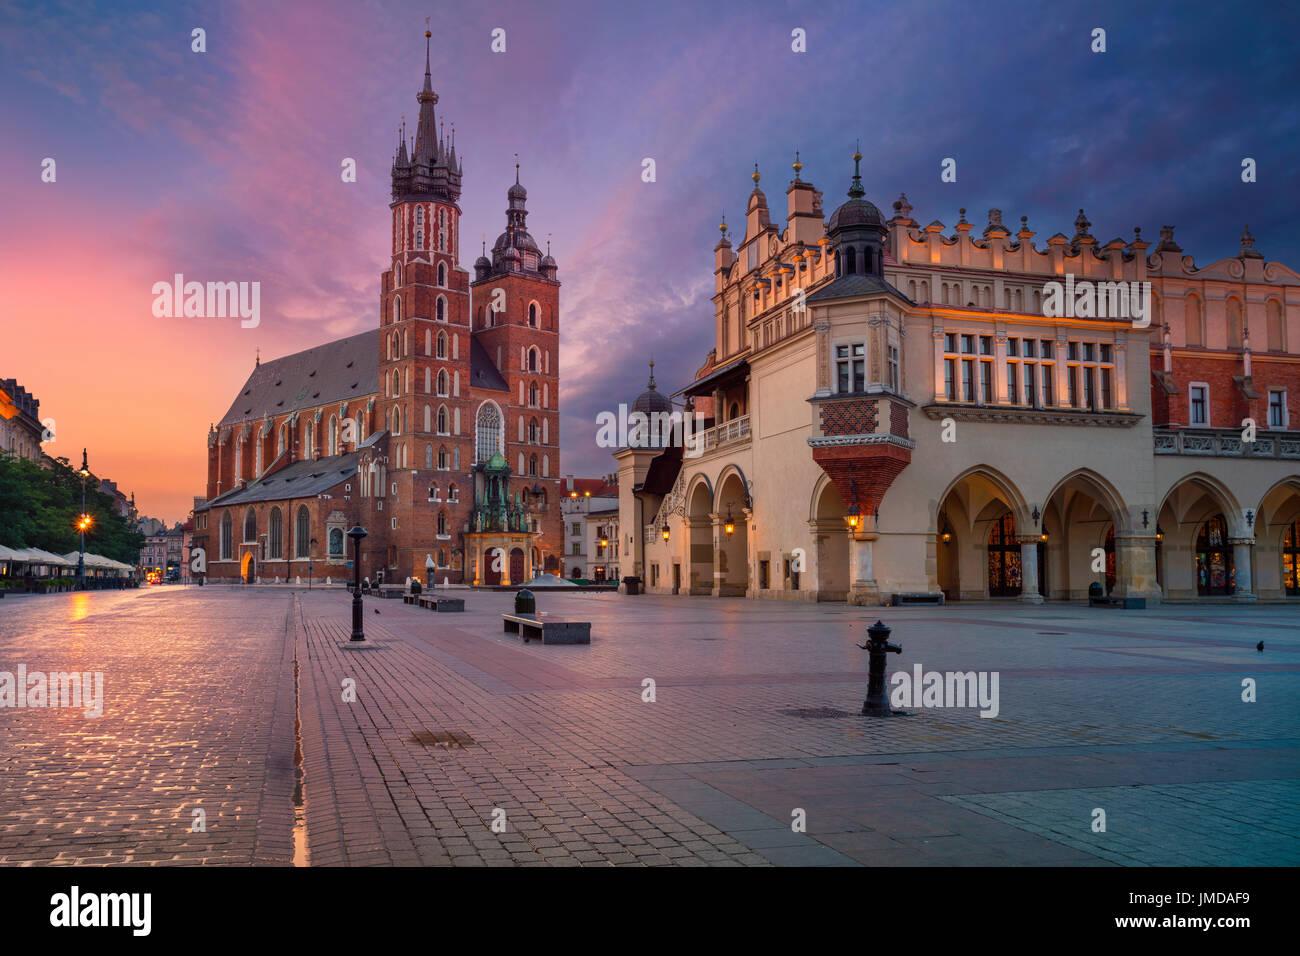 Cracovia. Imagen de la ciudad vieja de Cracovia, Polonia durante el amanecer. Imagen De Stock